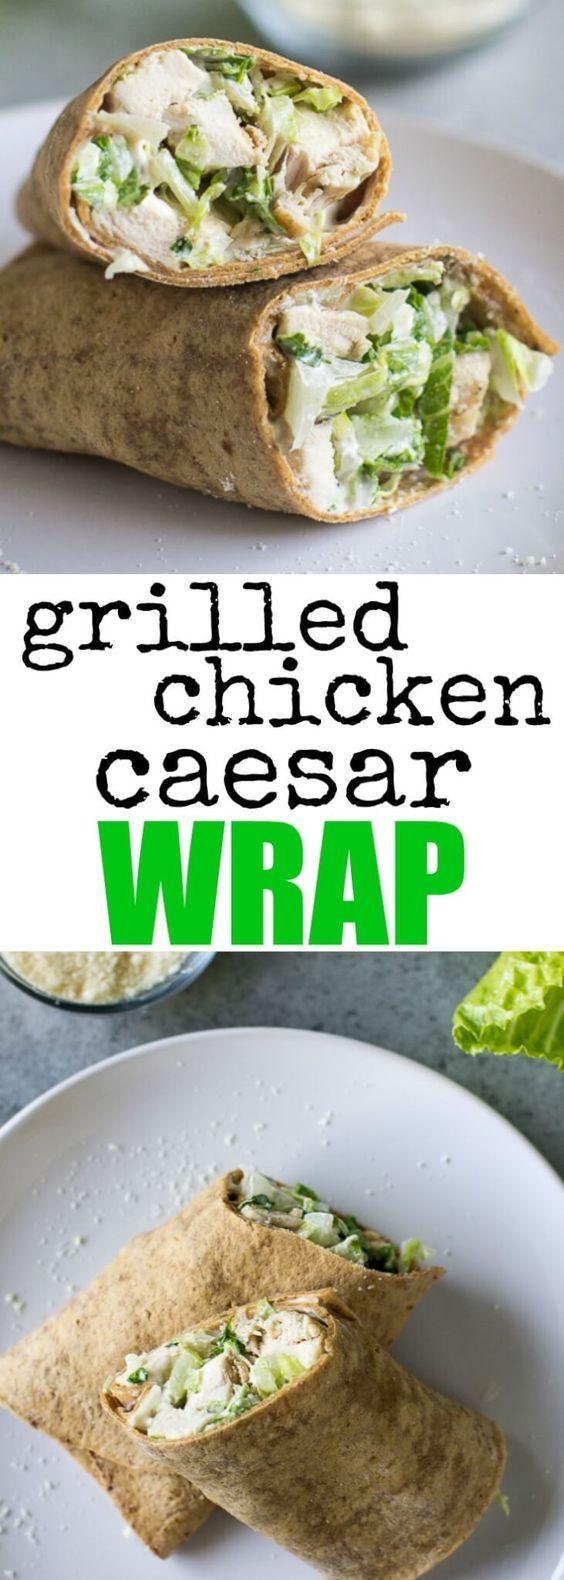 Packen Sie für ein einfaches, proteinreiches Mittagessen ein gegrilltes Hühnchen-Cäsar-Wrap ein! Neu entdecken …   – Healthy foods